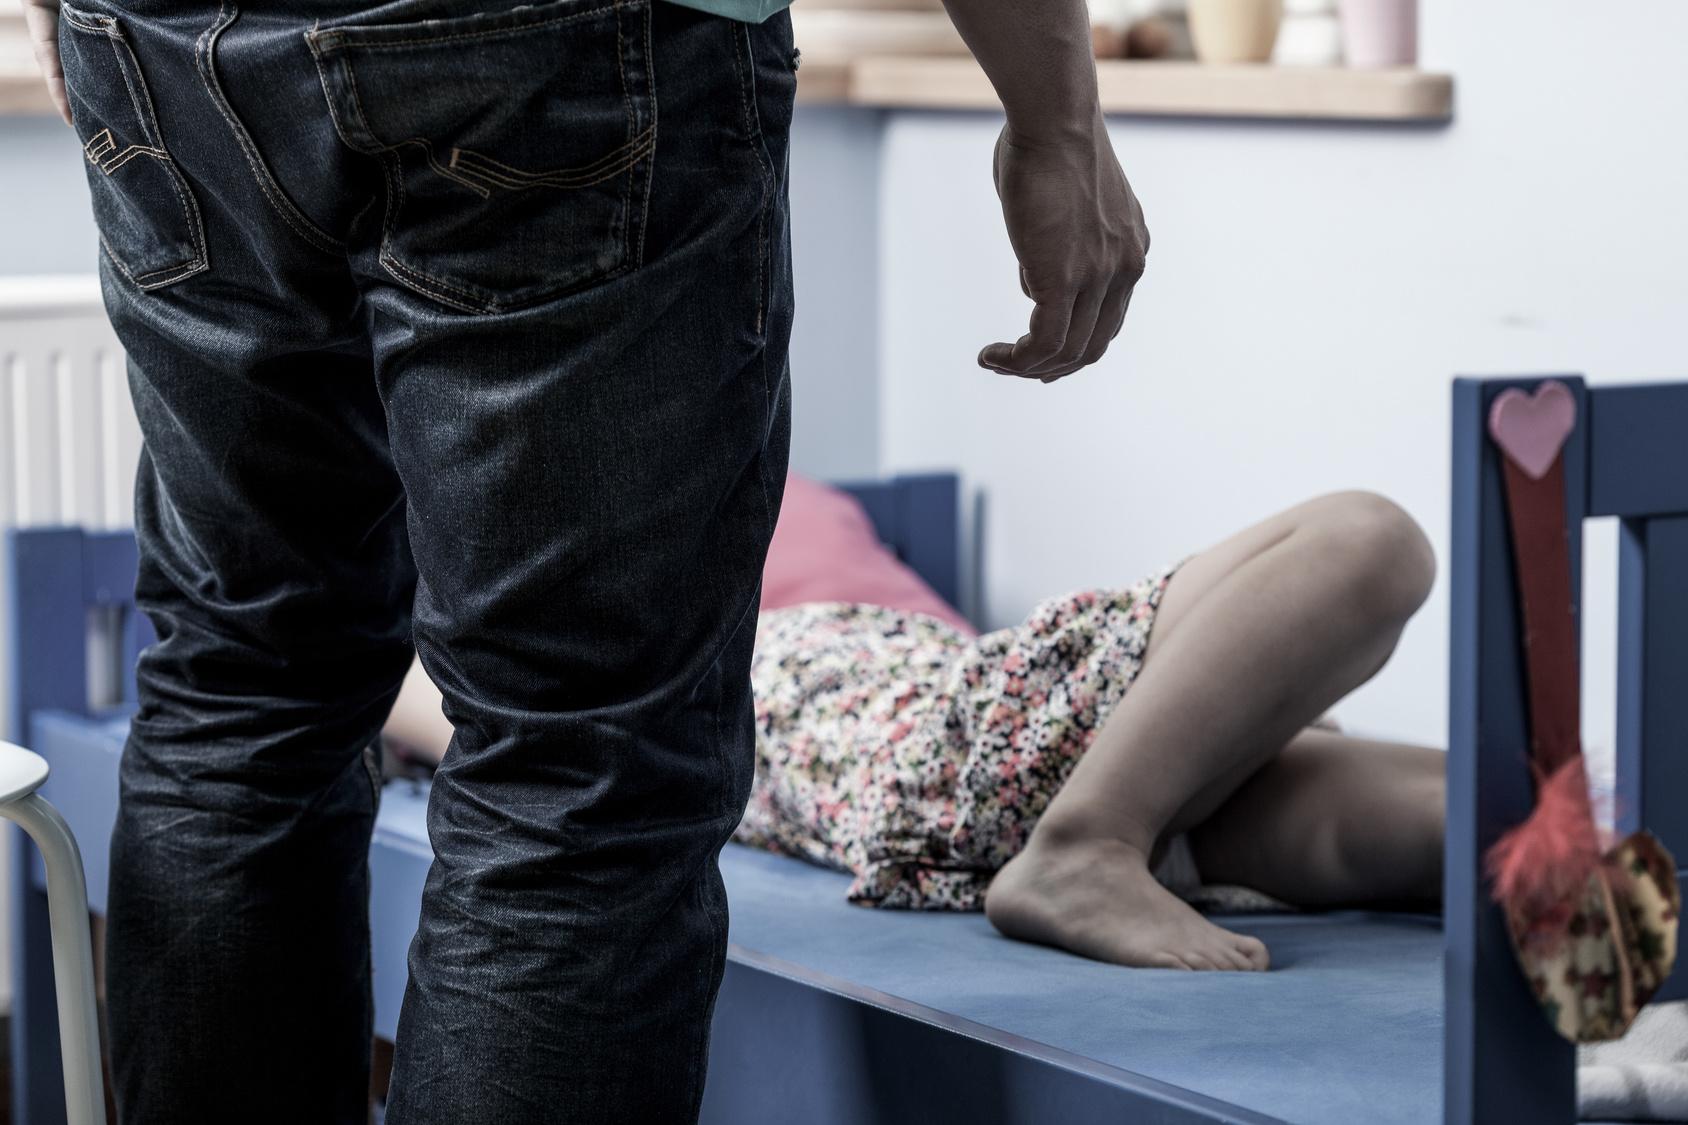 vaterl vergewaltigt brutal seine tochter porno